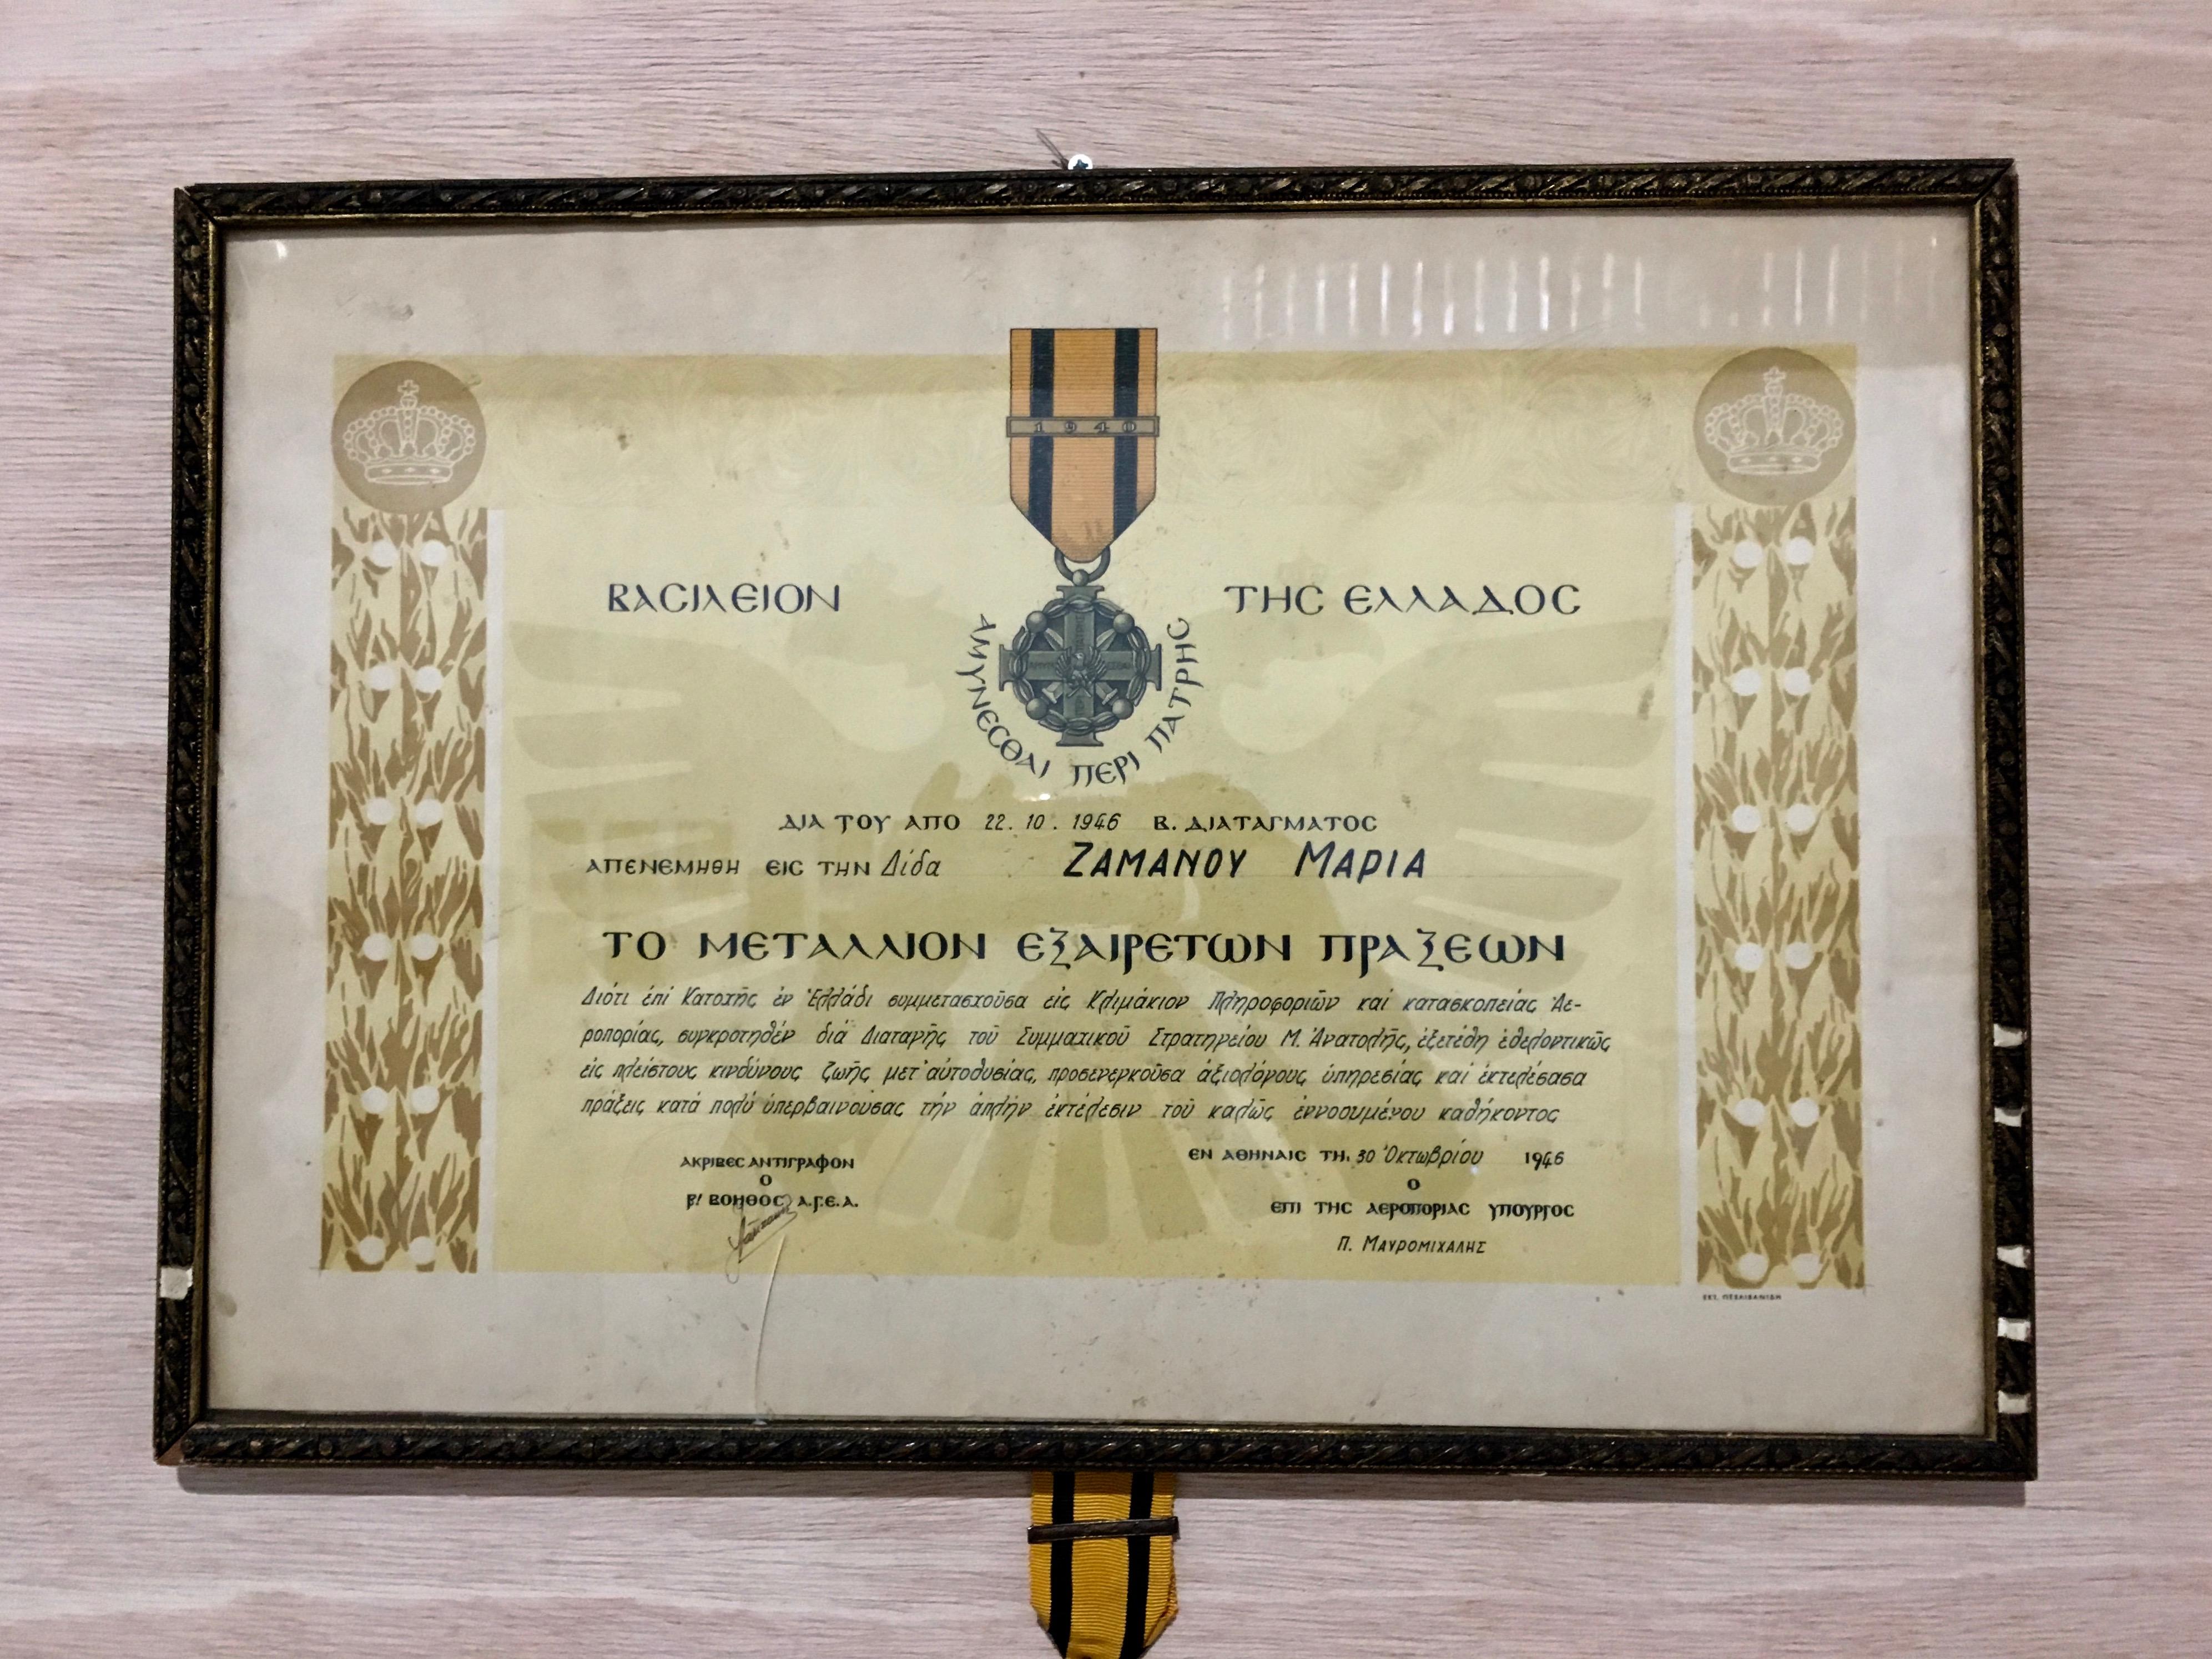 Δίπλωμα και μετάλλιο για τις υπηρεσίες της Μαρίας Ζαμάνου- Mickelson στην πατρίδα